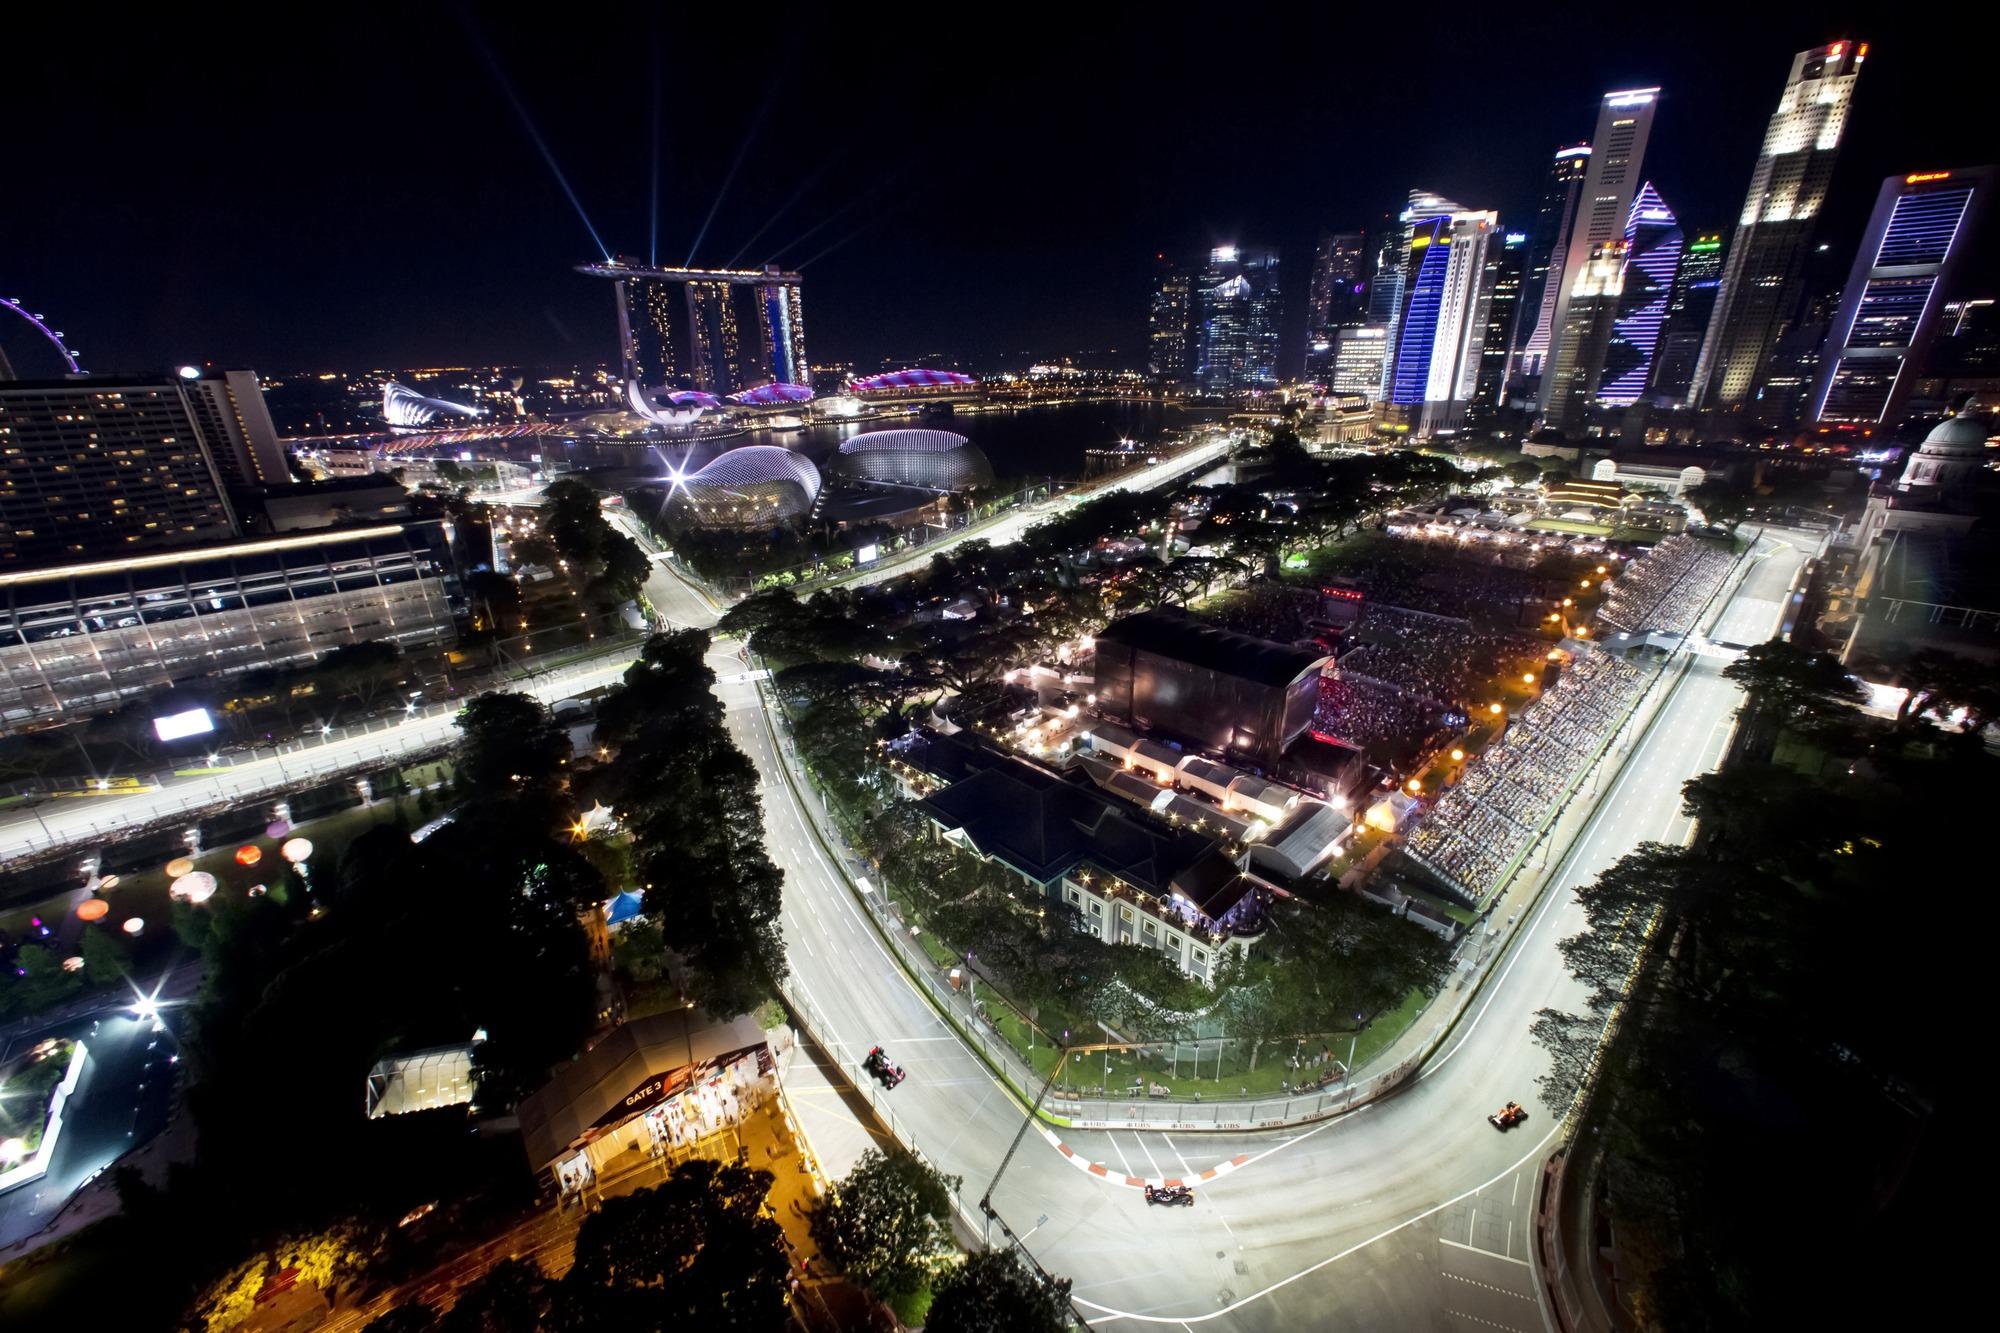 Circuito Singapur : El gp de singapur la carrera nocturna de la f1 u2022 momentogp